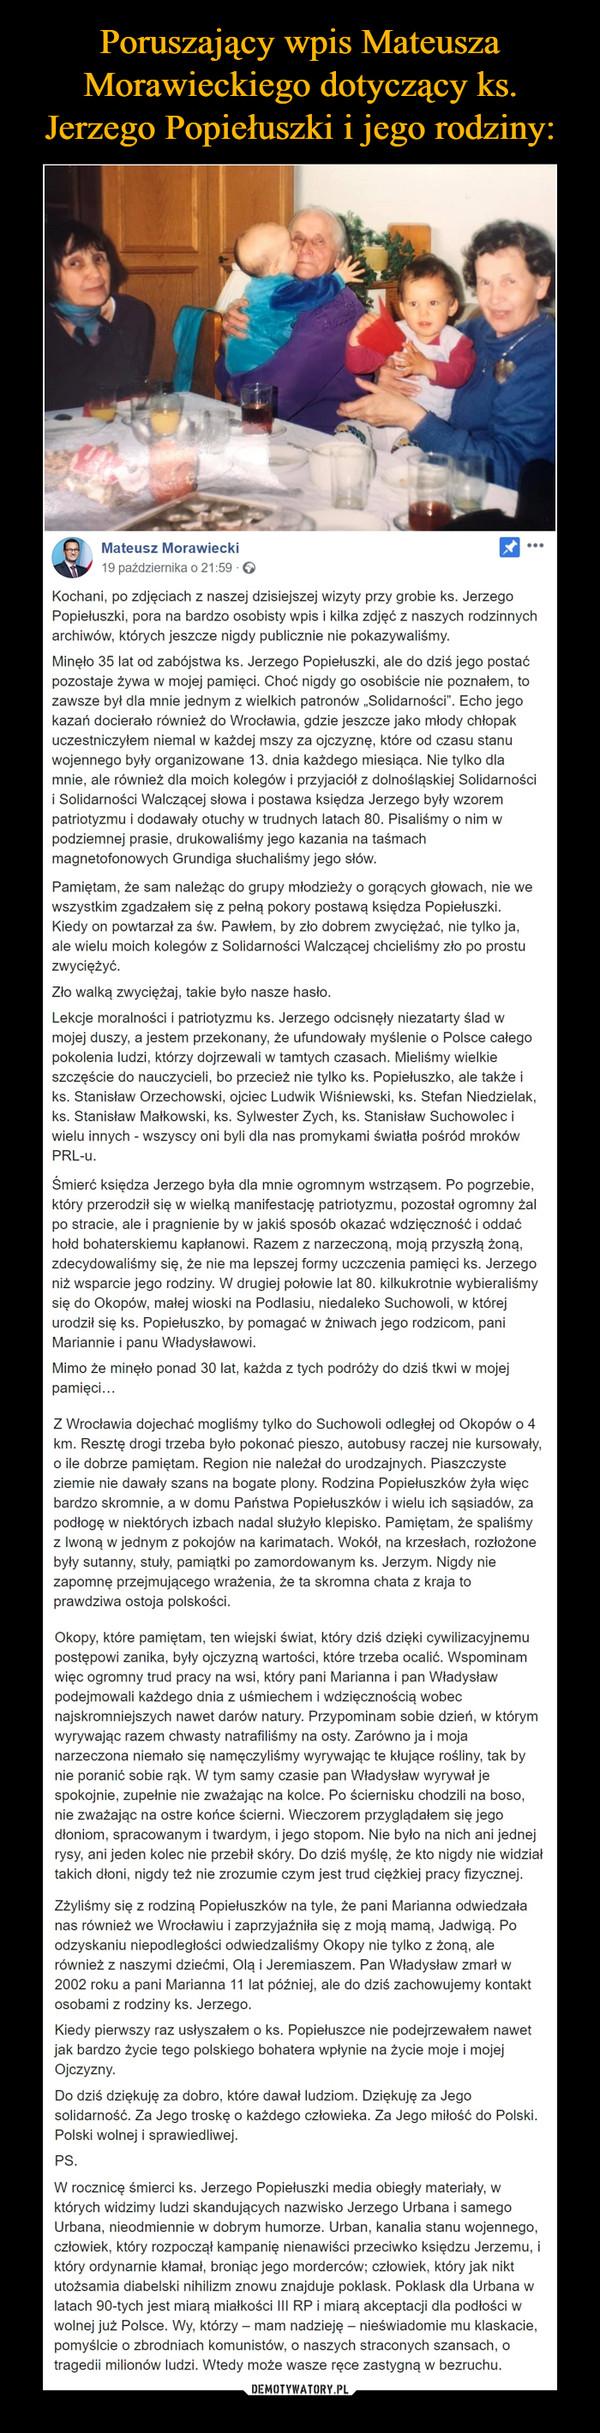 """–  Mateusz Morawiecki19 października o 21:59 · Kochani, po zdjęciach z naszej dzisiejszej wizyty przy grobie ks. Jerzego Popiełuszki, pora na bardzo osobisty wpis i kilka zdjęć z naszych rodzinnych archiwów, których jeszcze nigdy publicznie nie pokazywaliśmy.Minęło 35 lat od zabójstwa ks. Jerzego Popiełuszki, ale do dziś jego postać pozostaje żywa w mojej pamięci. Choć nigdy go osobiście nie poznałem, to zawsze był dla mnie jednym z wielkich patronów """"Solidarności"""". Echo jego kazań docierało również do Wrocławia, gdzie jeszcze jako młody chłopak uczestniczyłem niemal w każdej mszy za ojczyznę, które od czasu stanu wojennego były organizowane 13. dnia każdego miesiąca. Nie tylko dla mnie, ale również dla moich kolegów i przyjaciół z dolnośląskiej Solidarności i Solidarności Walczącej słowa i postawa księdza Jerzego były wzorem patriotyzmu i dodawały otuchy w trudnych latach 80. Pisaliśmy o nim w podziemnej prasie, drukowaliśmy jego kazania na taśmach magnetofonowych Grundiga słuchaliśmy jego słów.Pamiętam, że sam należąc do grupy młodzieży o gorących głowach, nie we wszystkim zgadzałem się z pełną pokory postawą księdza Popiełuszki. Kiedy on powtarzał za św. Pawłem, by zło dobrem zwyciężać, nie tylko ja, ale wielu moich kolegów z Solidarności Walczącej chcieliśmy zło po prostu zwyciężyć.Zło walką zwyciężaj, takie było nasze hasło.Lekcje moralności i patriotyzmu ks. Jerzego odcisnęły niezatarty ślad w mojej duszy, a jestem przekonany, że ufundowały myślenie o Polsce całego pokolenia ludzi, którzy dojrzewali w tamtych czasach. Mieliśmy wielkie szczęście do nauczycieli, bo przecież nie tylko ks. Popiełuszko, ale także i ks. Stanisław Orzechowski, ojciec Ludwik Wiśniewski, ks. Stefan Niedzielak, ks. Stanisław Małkowski, ks. Sylwester Zych, ks. Stanisław Suchowolec i wielu innych - wszyscy oni byli dla nas promykami światła pośród mroków PRL-u.Śmierć księdza Jerzego była dla mnie ogromnym wstrząsem. Po pogrzebie, który przerodził się w wielką manifestację patriotyzmu, poz"""